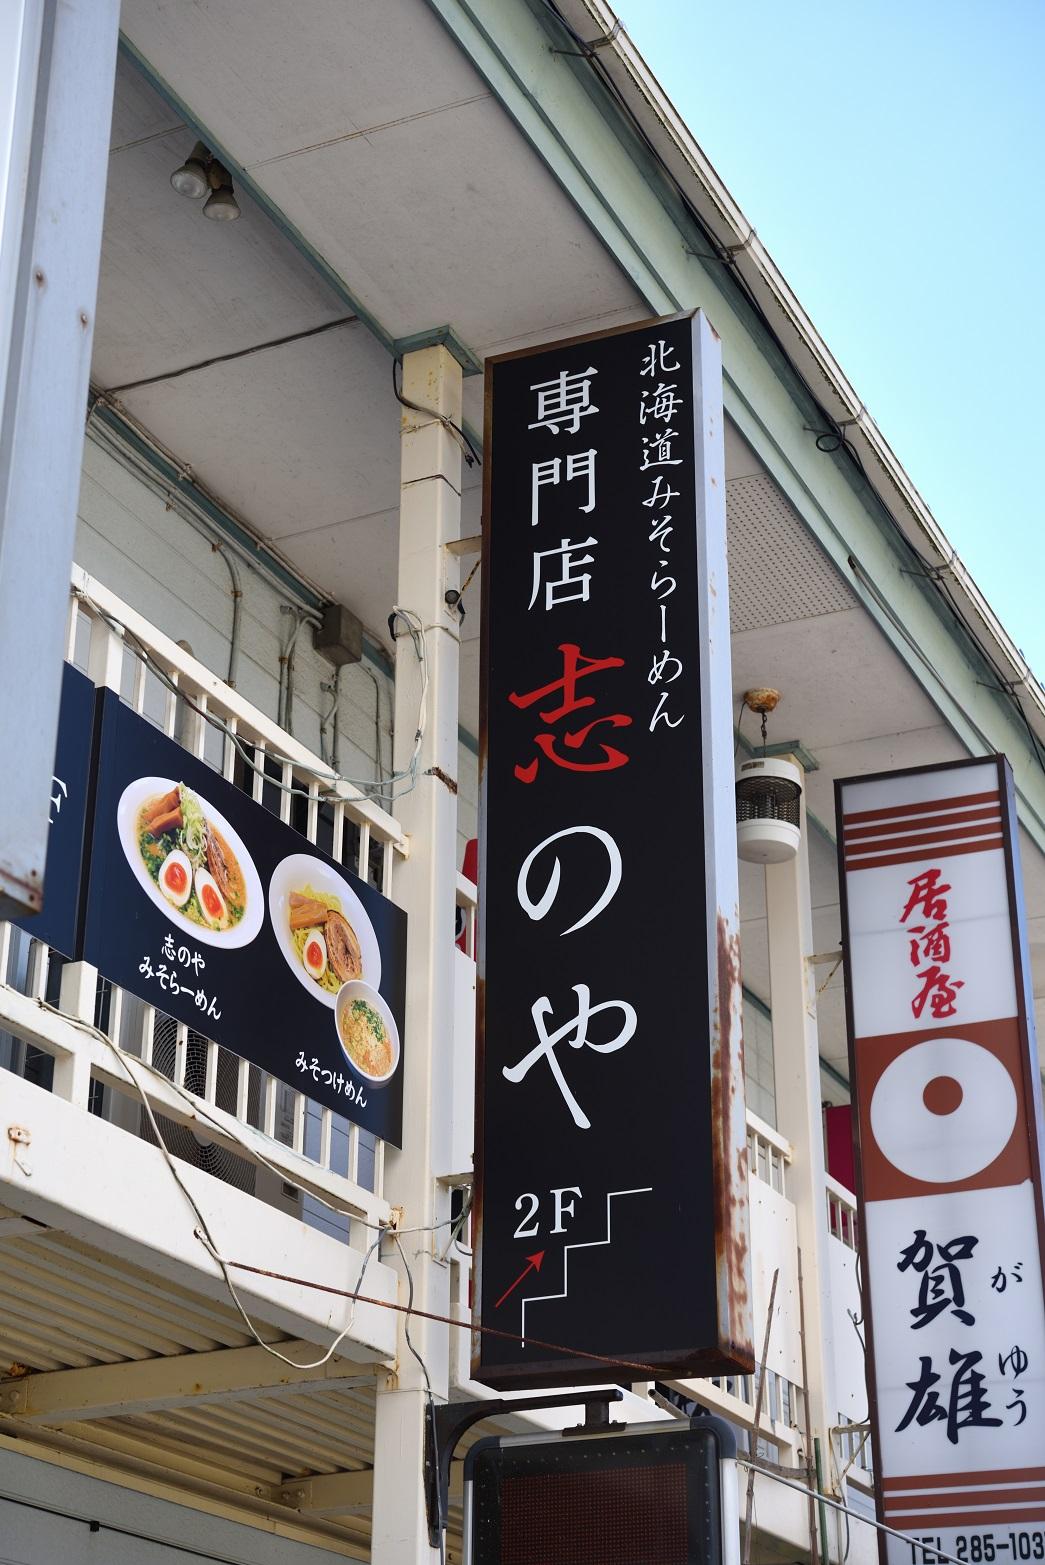 北海道みそらーめん専門店 志のや 看板